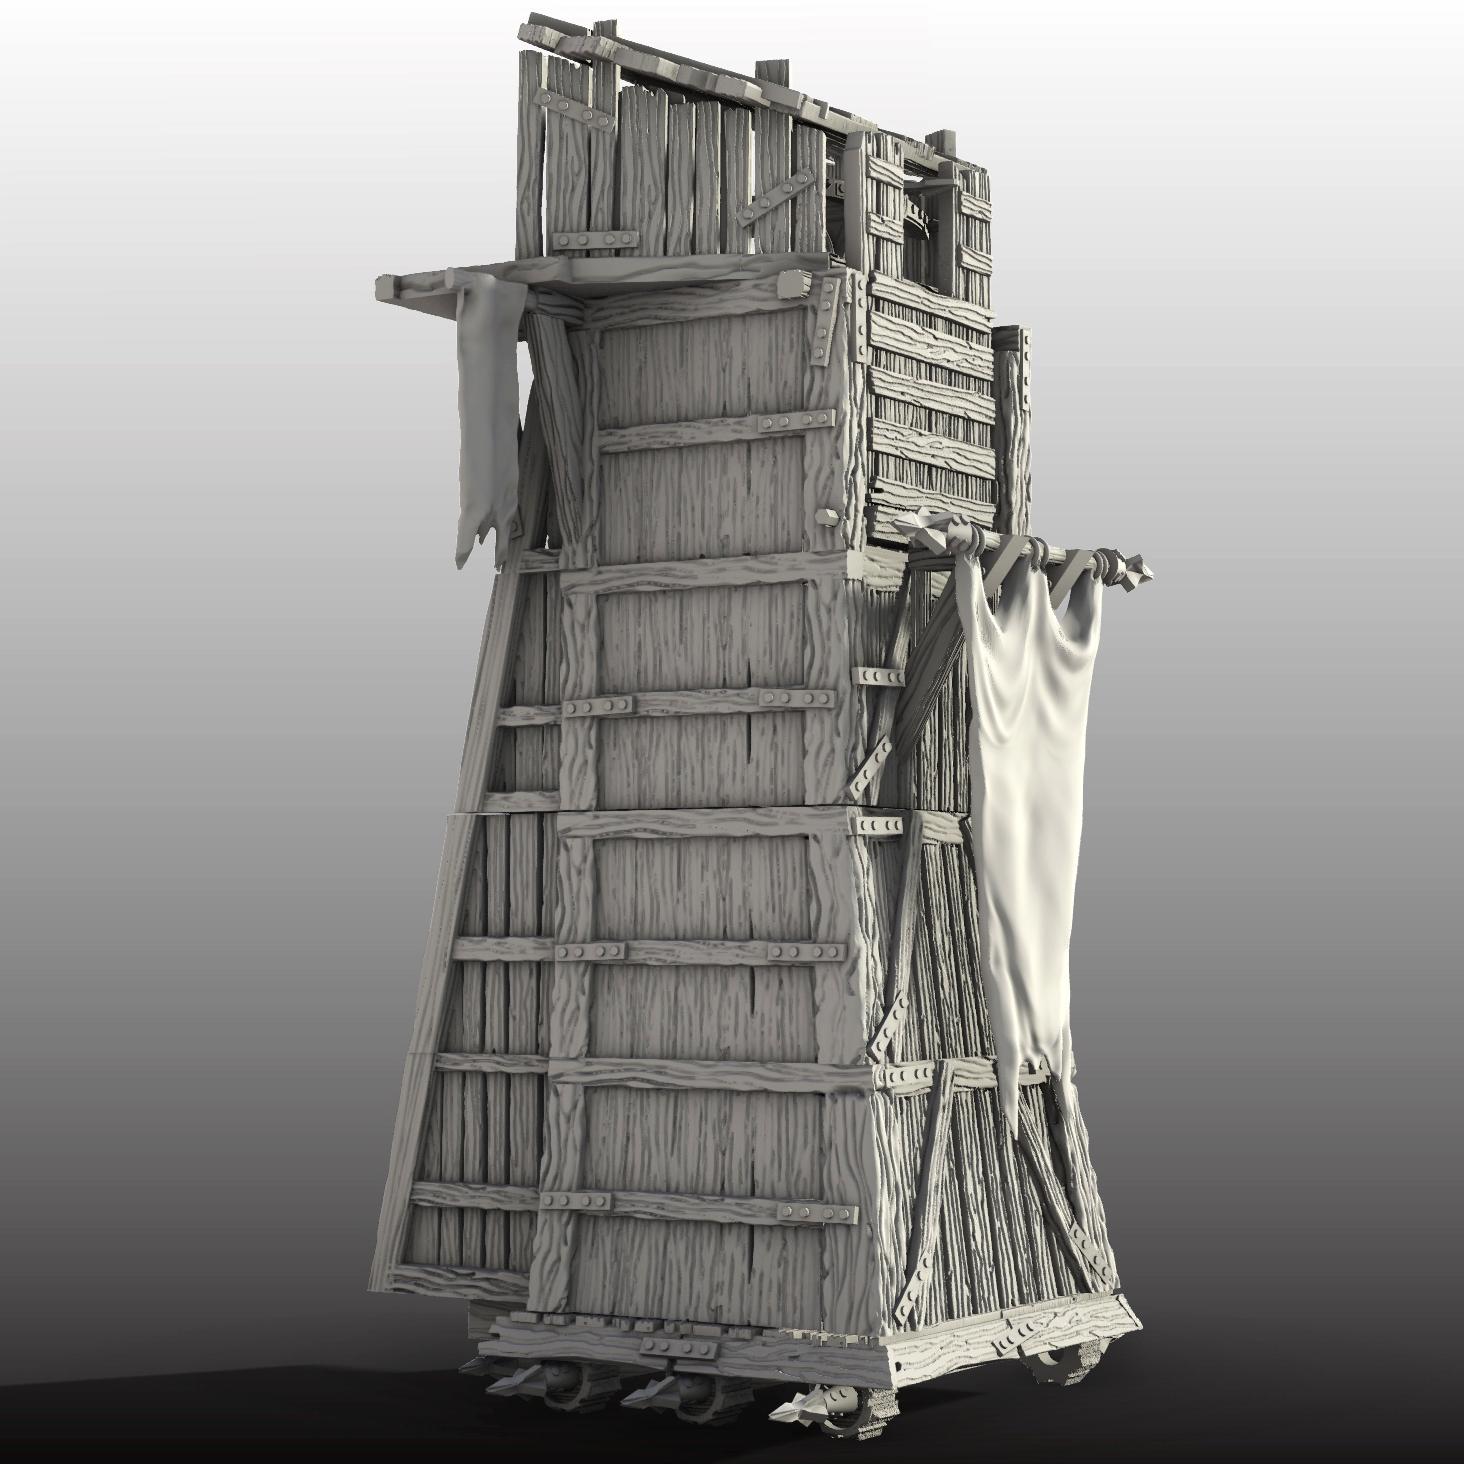 siegetower2.jpg